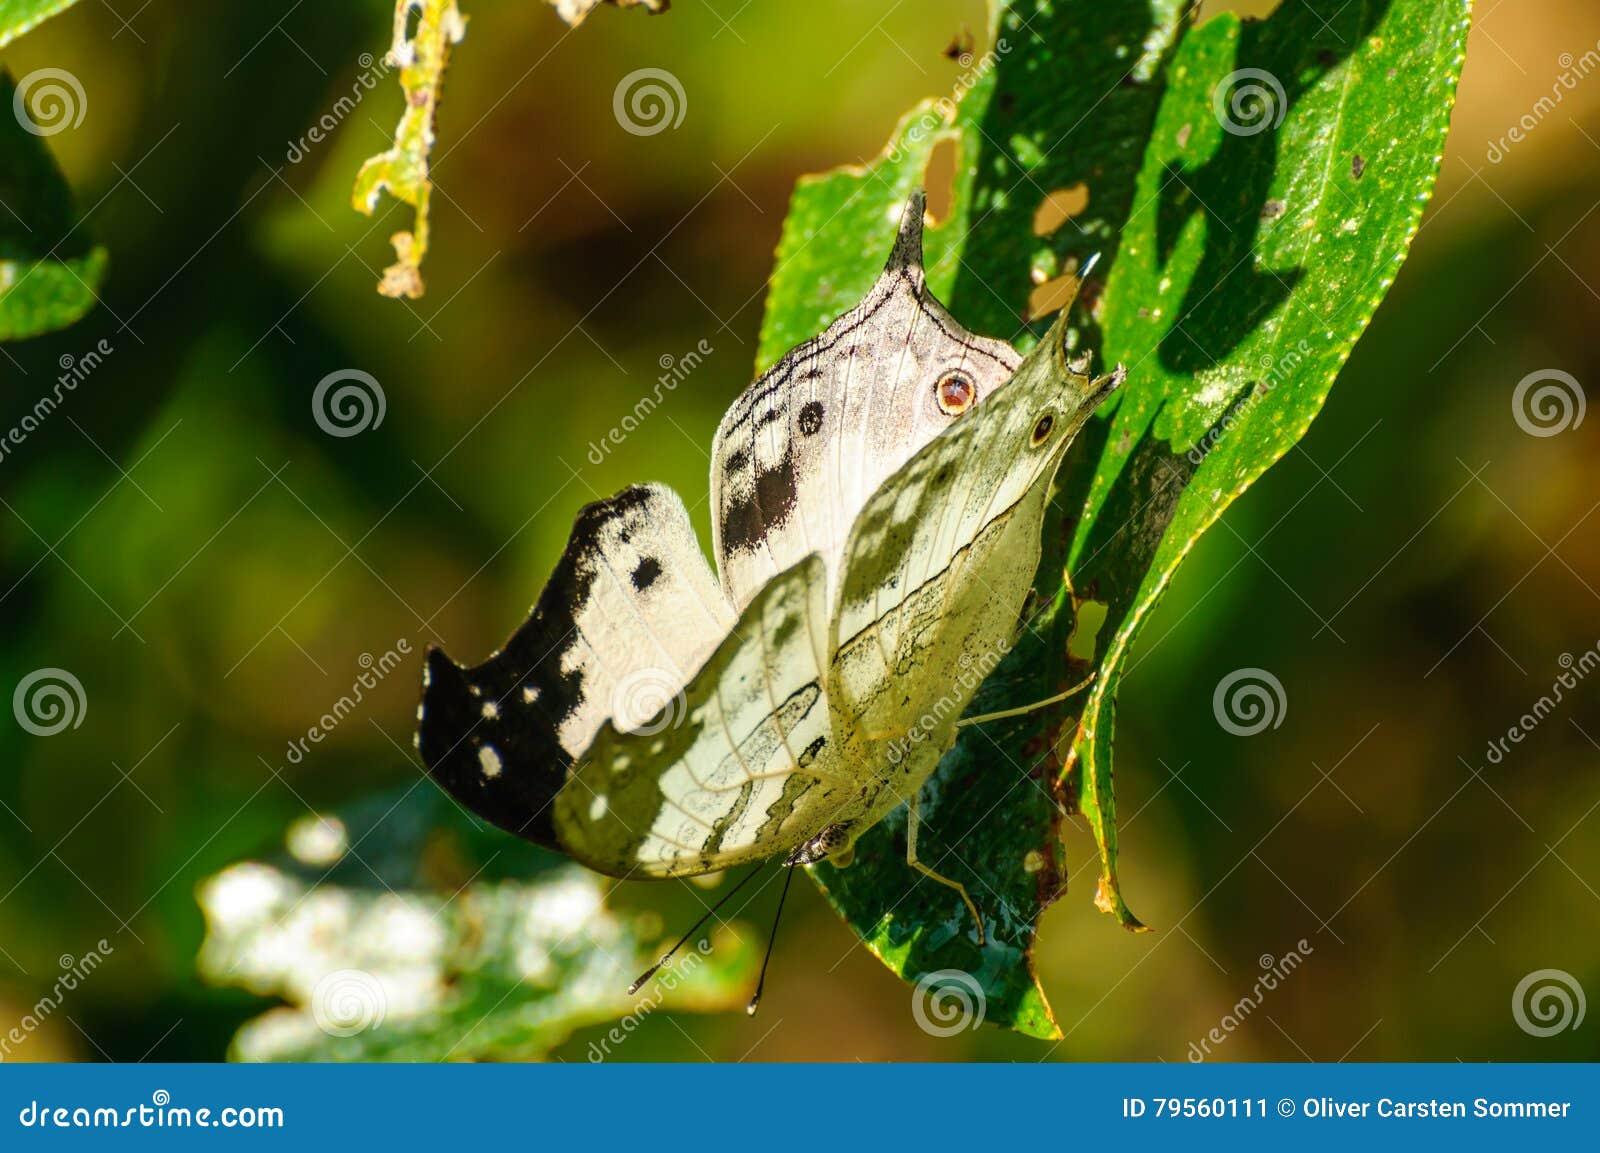 Protogoniomorpha Anacardii Duprei